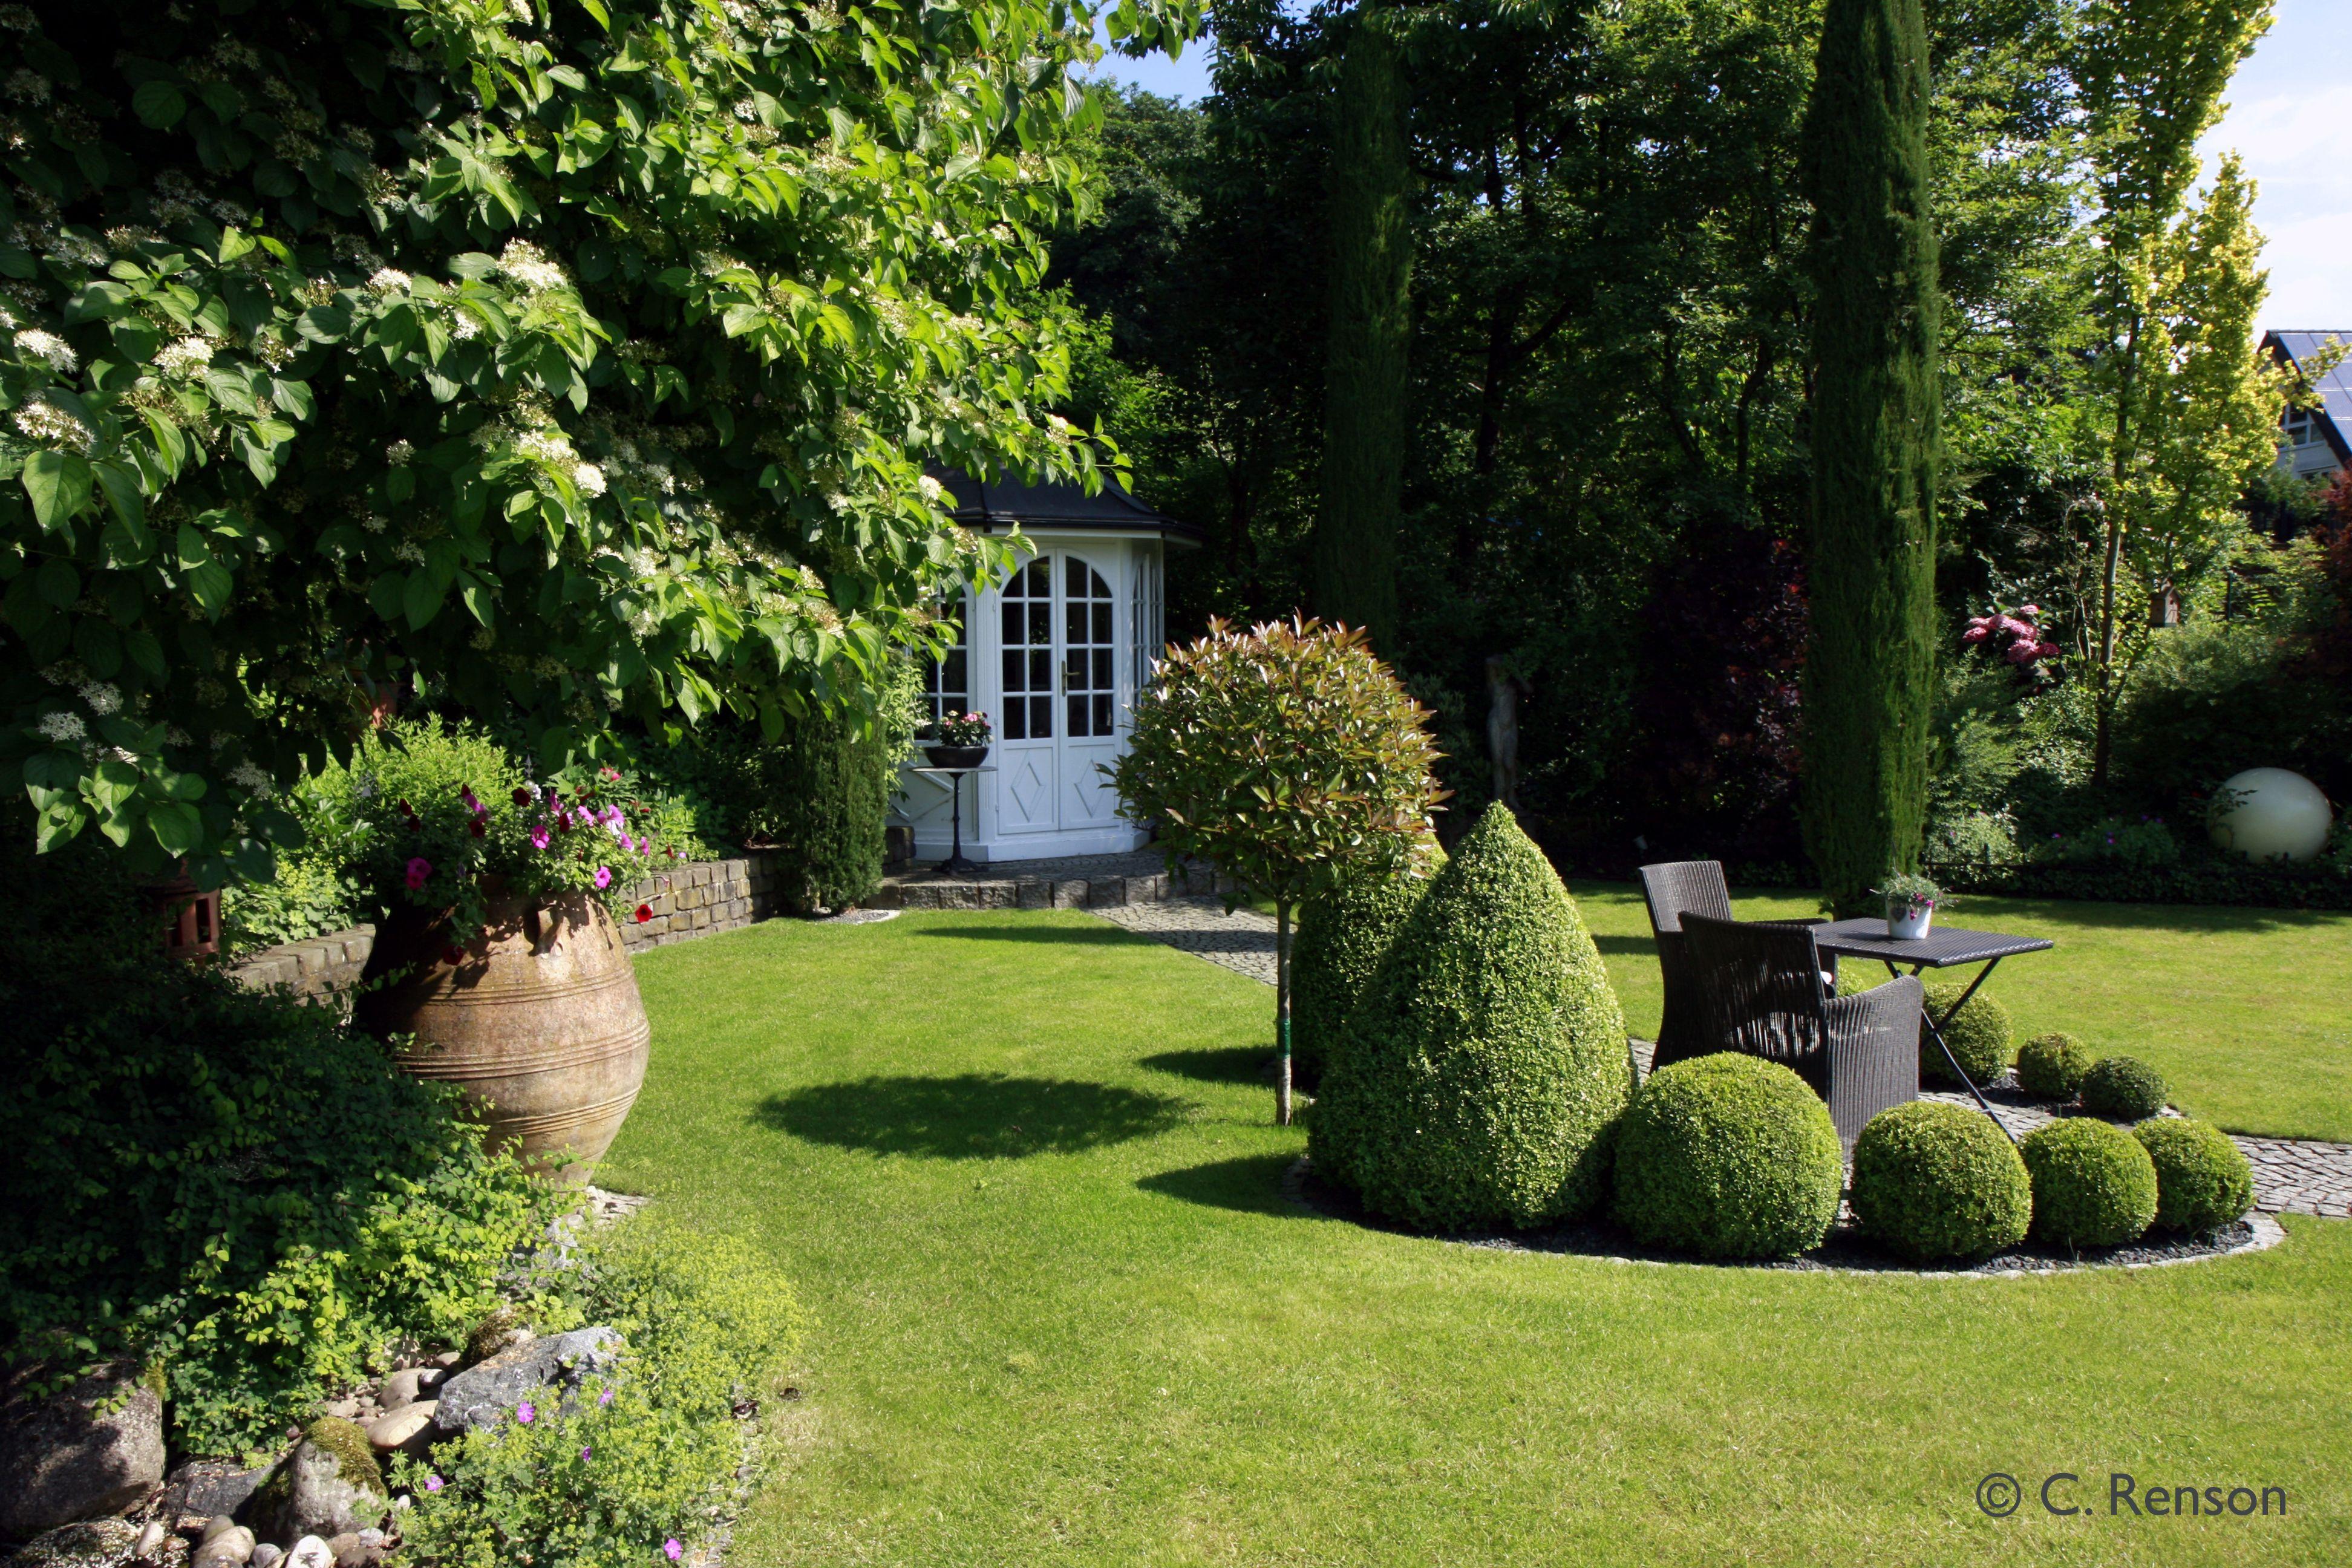 Formspiel in gr n kugeln kegel s ulen aus buchsbaum und zypresse sitzplatz im romantischen - Gartengestaltung mit buchsbaum ...